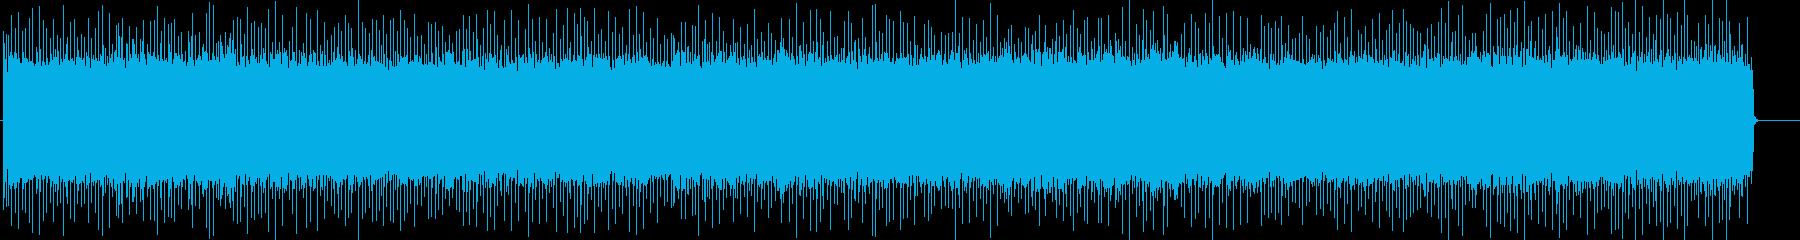 胸熱いスポーツハイライト向けハードロックの再生済みの波形